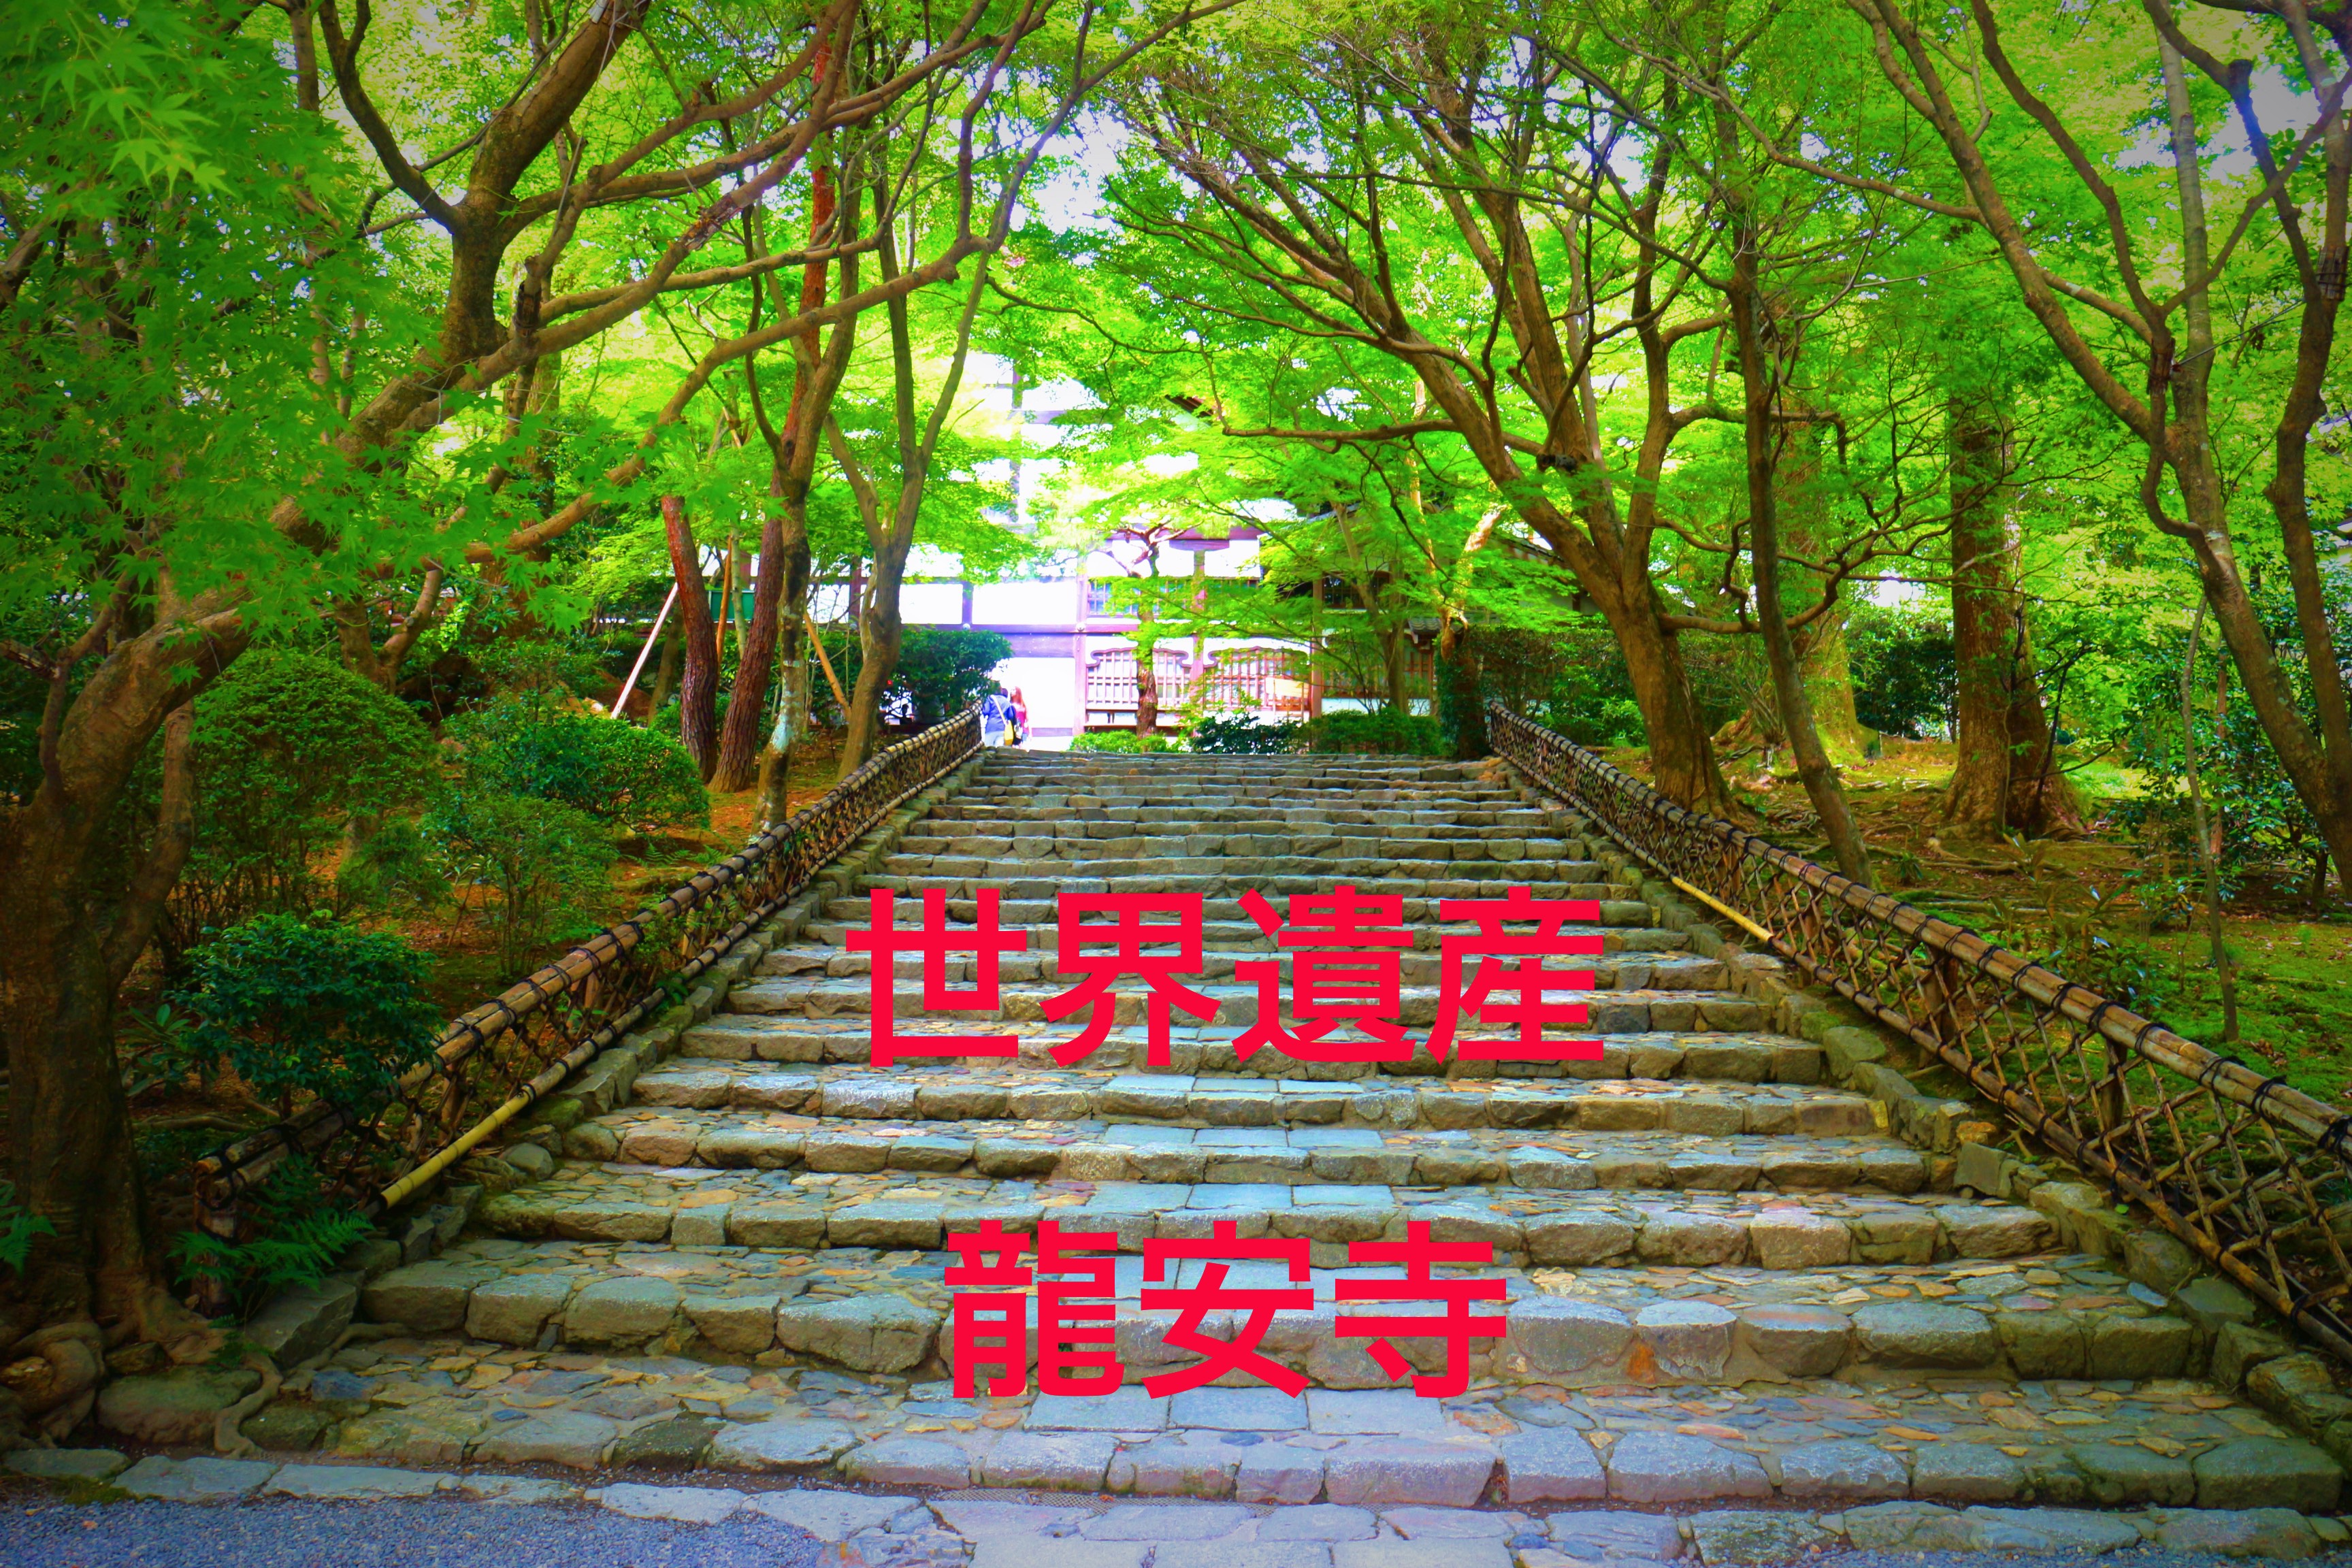 石の数は15個。京都の世界遺産・龍安寺のバリアフリーと御朱印情報